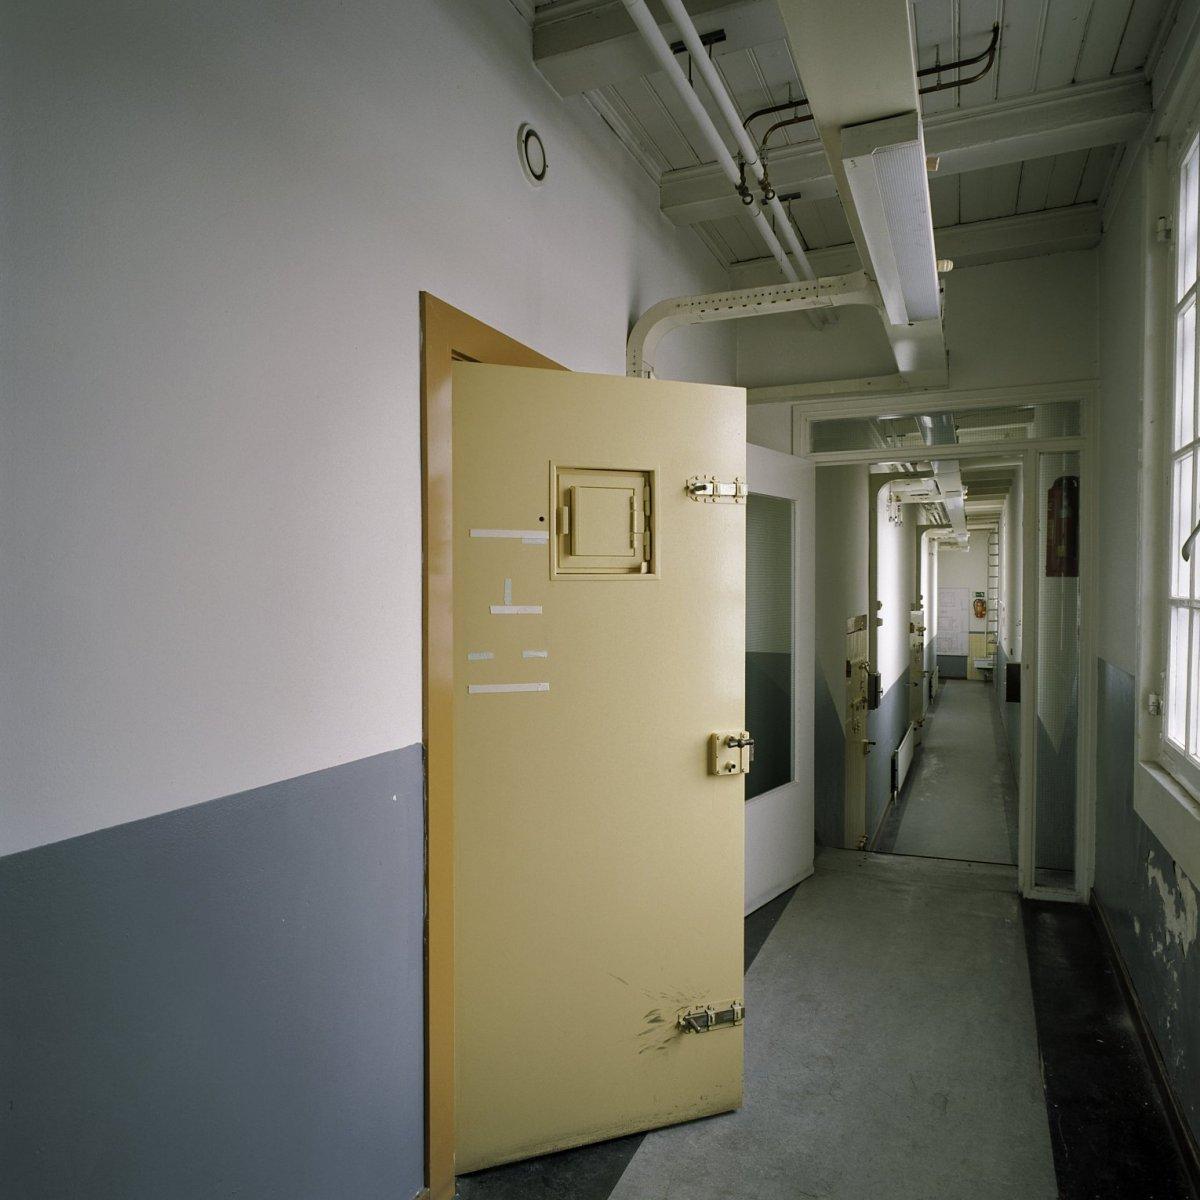 Interieur,_gang_op_de_bovenverdieping_met_openstaande_celdeur_-_Zwolle_-_20381591_-_RCE.jpg